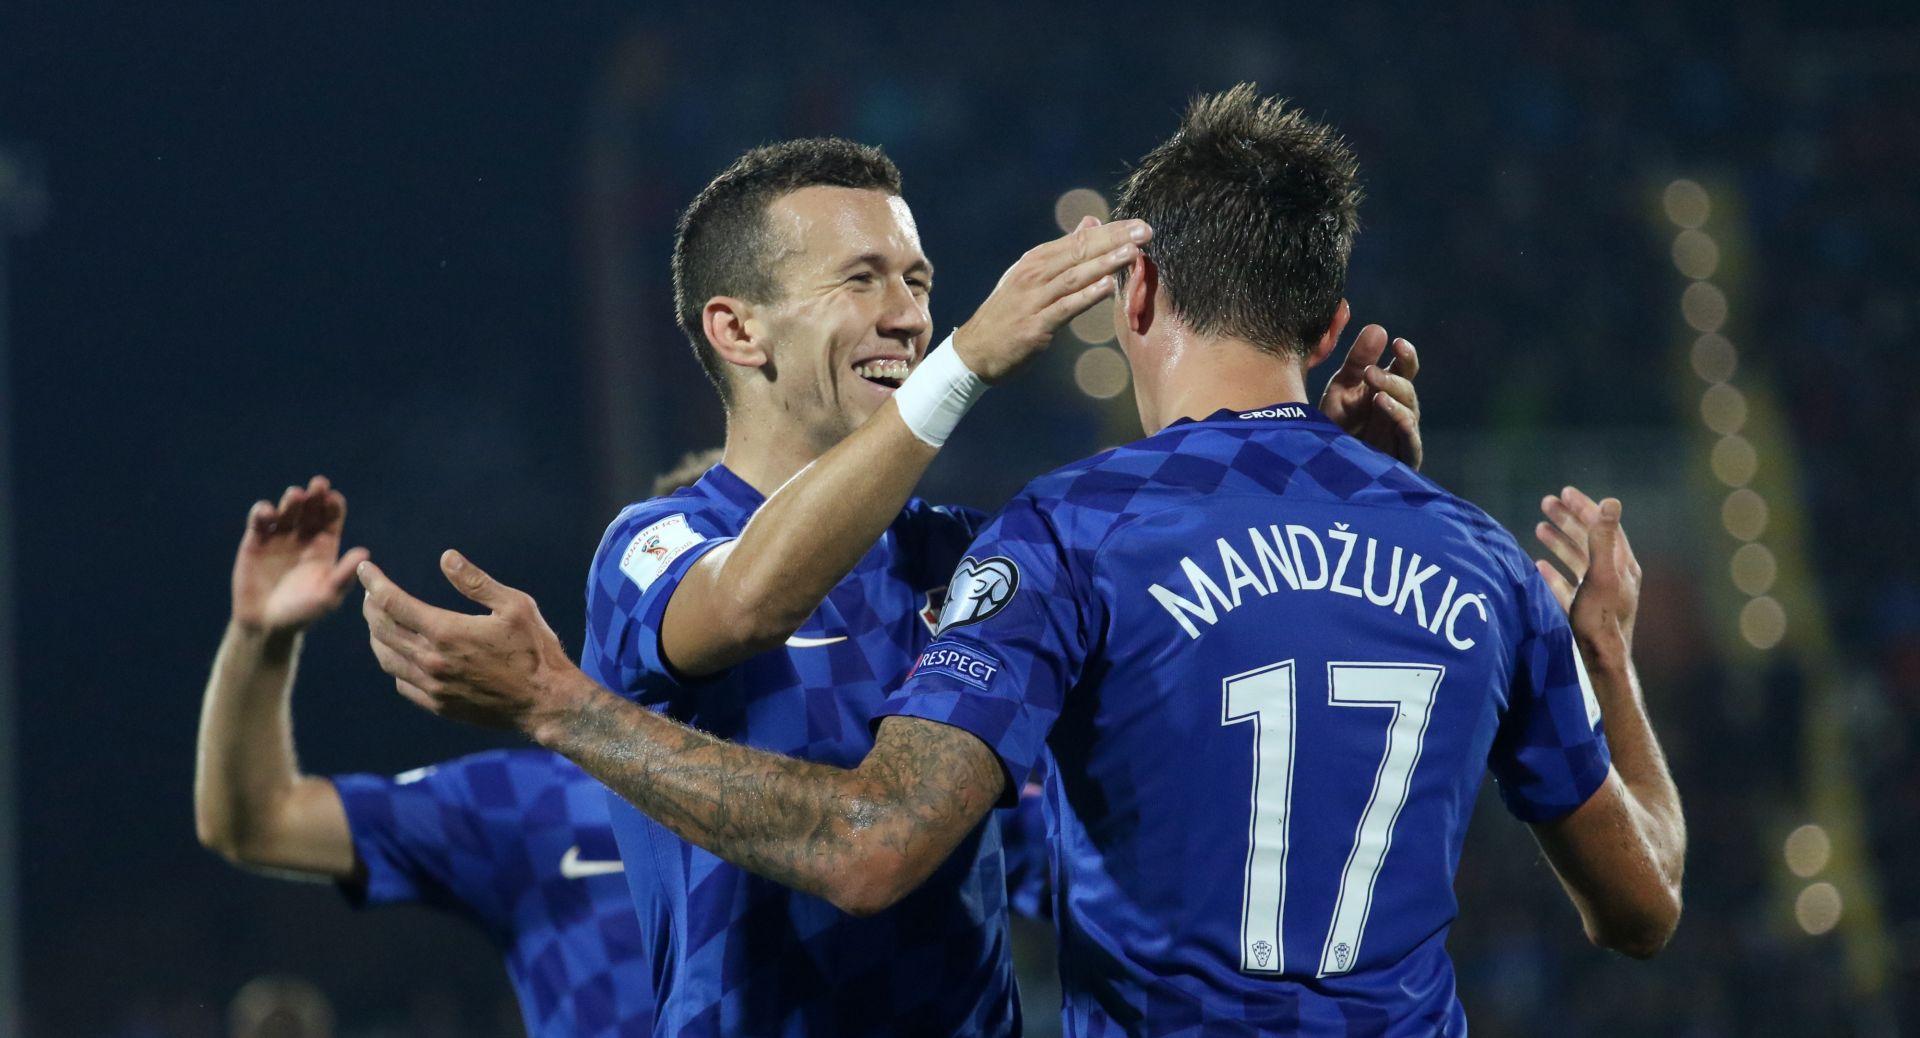 ZADATAK OBAVLJEN Hrvatska slavila u Finskoj, kapetan Mandžukić donio nova tri boda